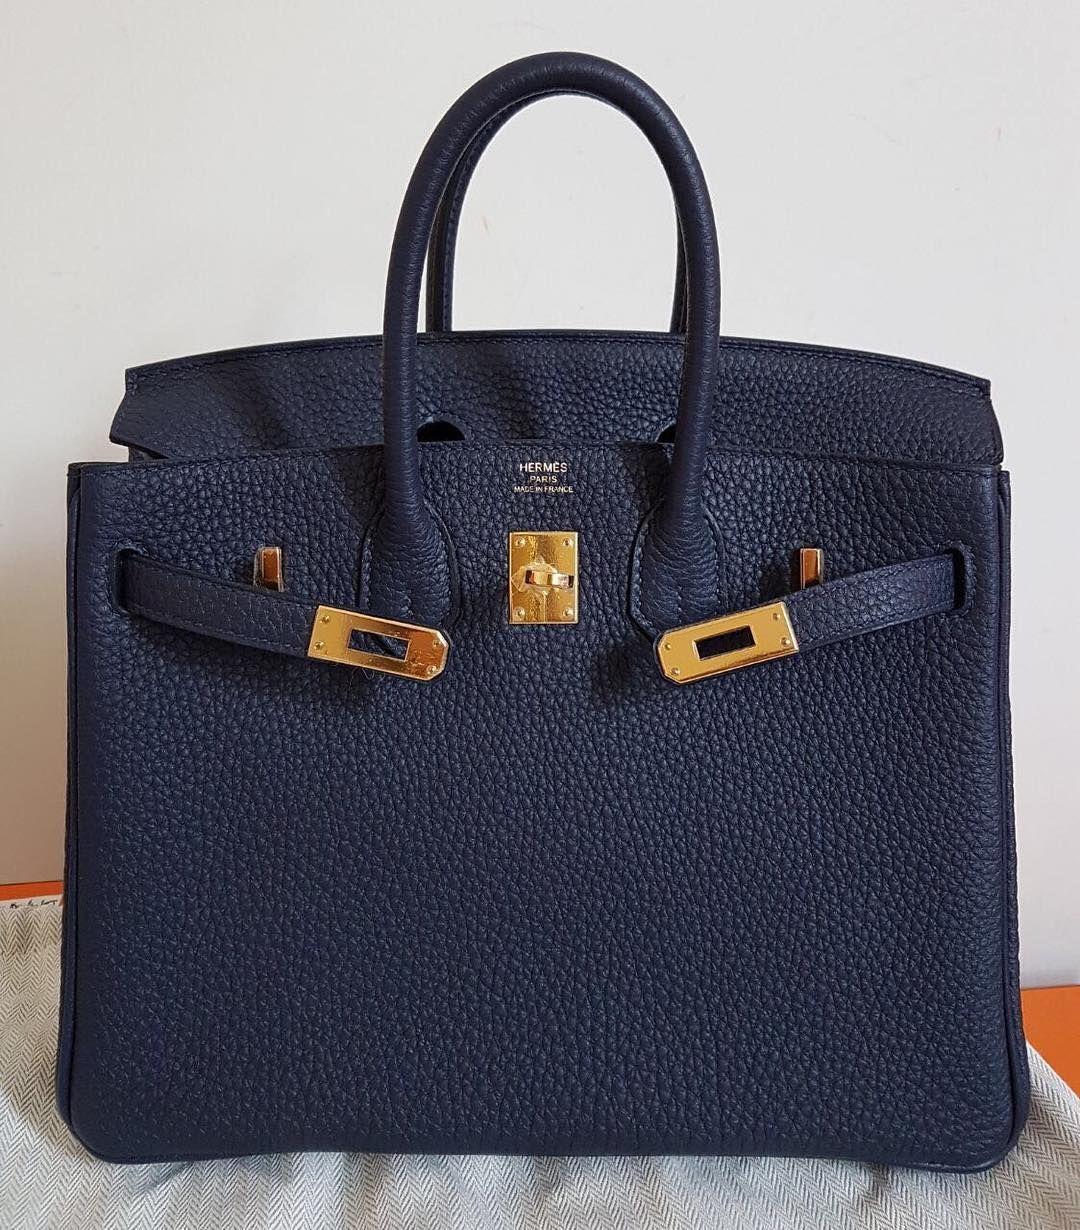 Hermes Birkin25 Blue Nuit Togo Ghw A  ee3d1c78e68f0